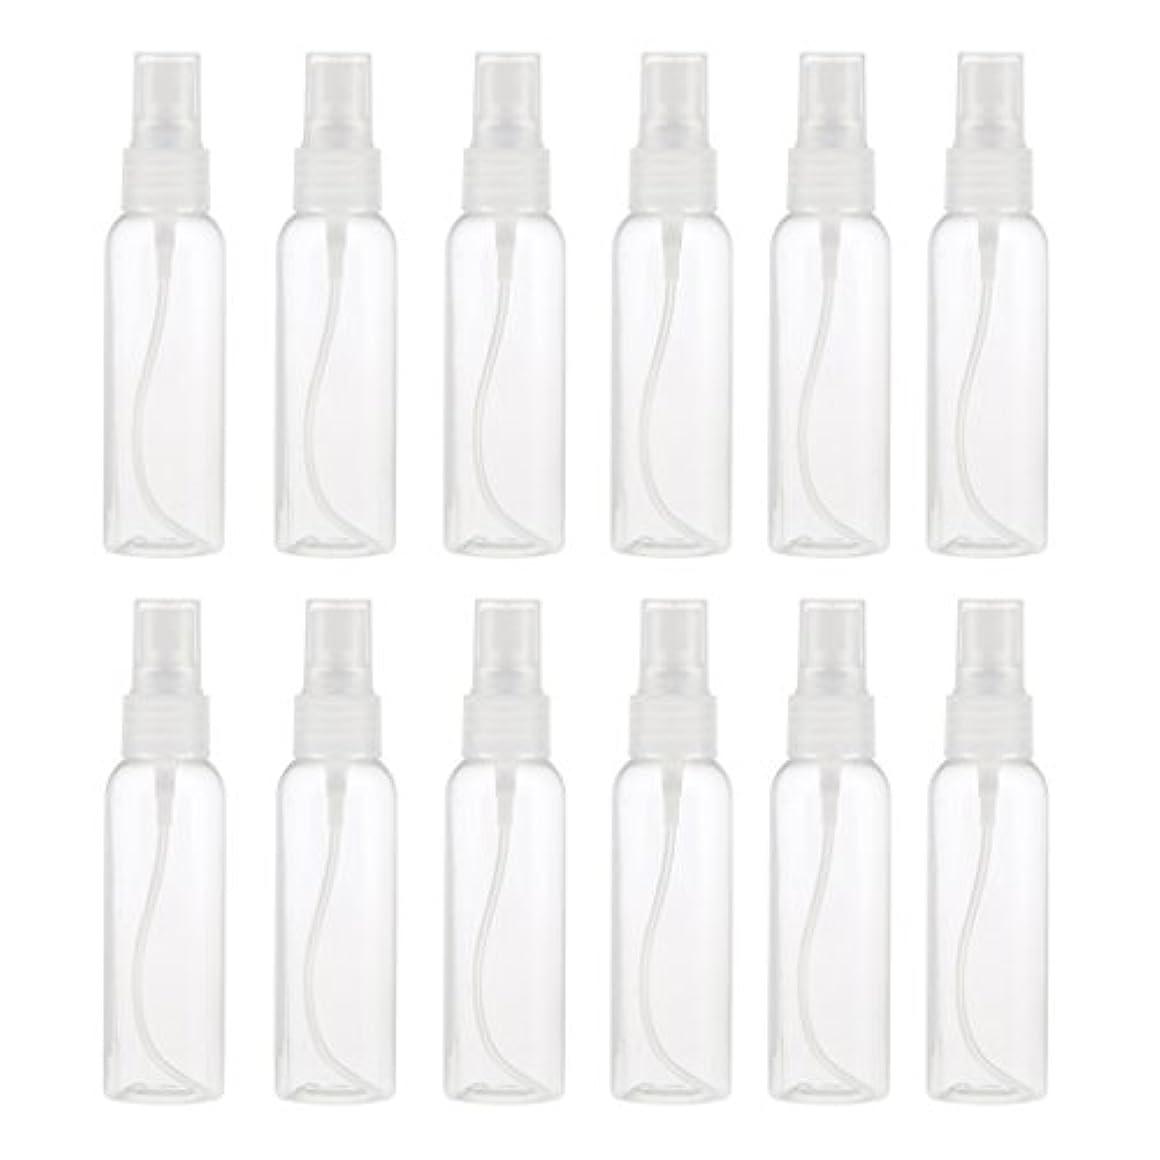 昇るスタジオパパお買得 プラスチック 分装瓶 スプレーボトル ミストアトマイザー 液体香水 詰め替え 旅行用 60ml 12PCS - クリア